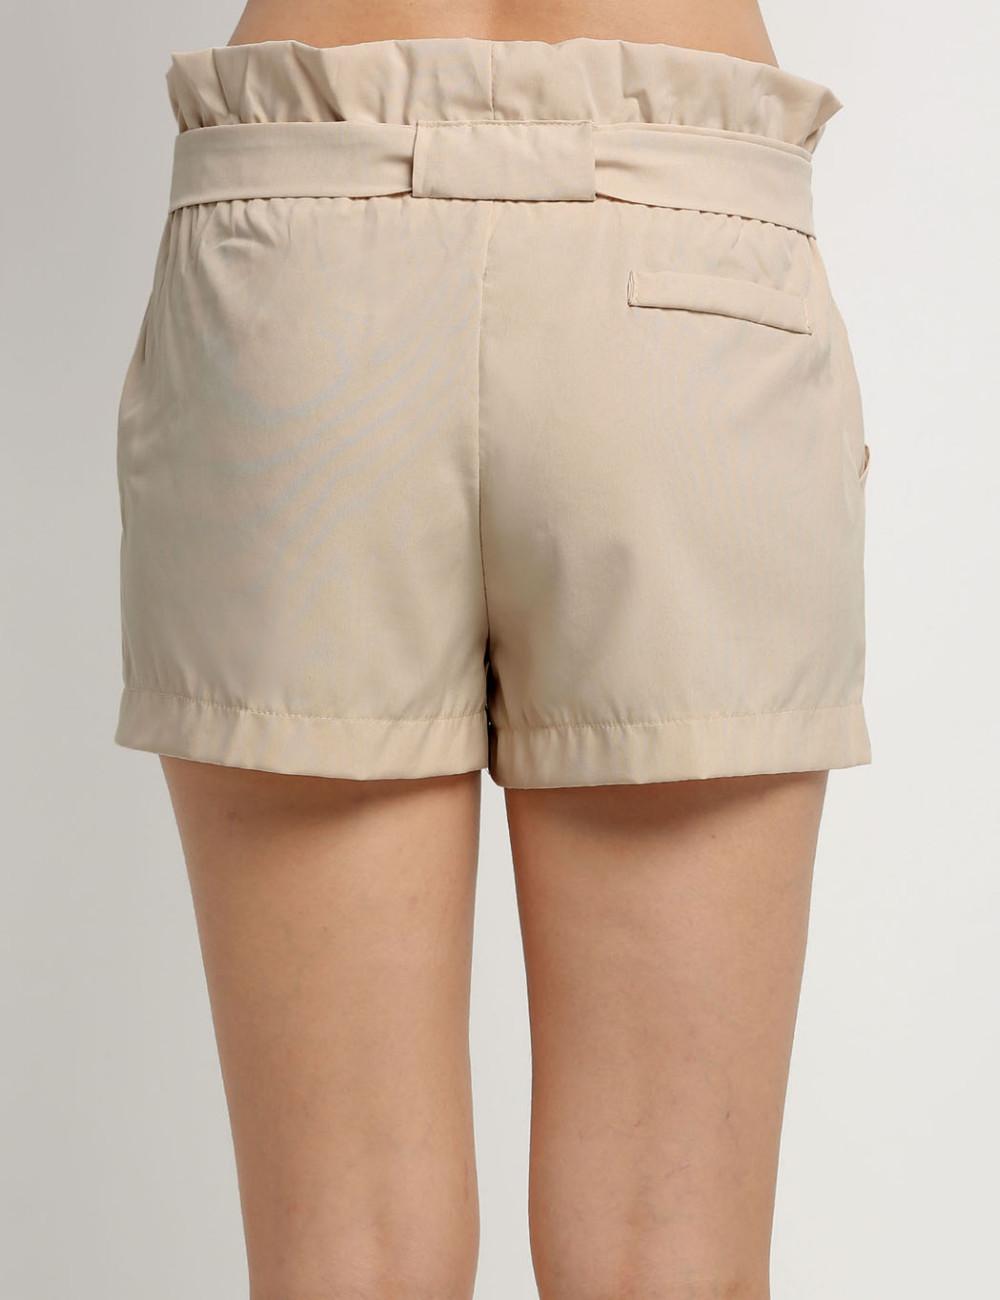 high waist shorts women (9)